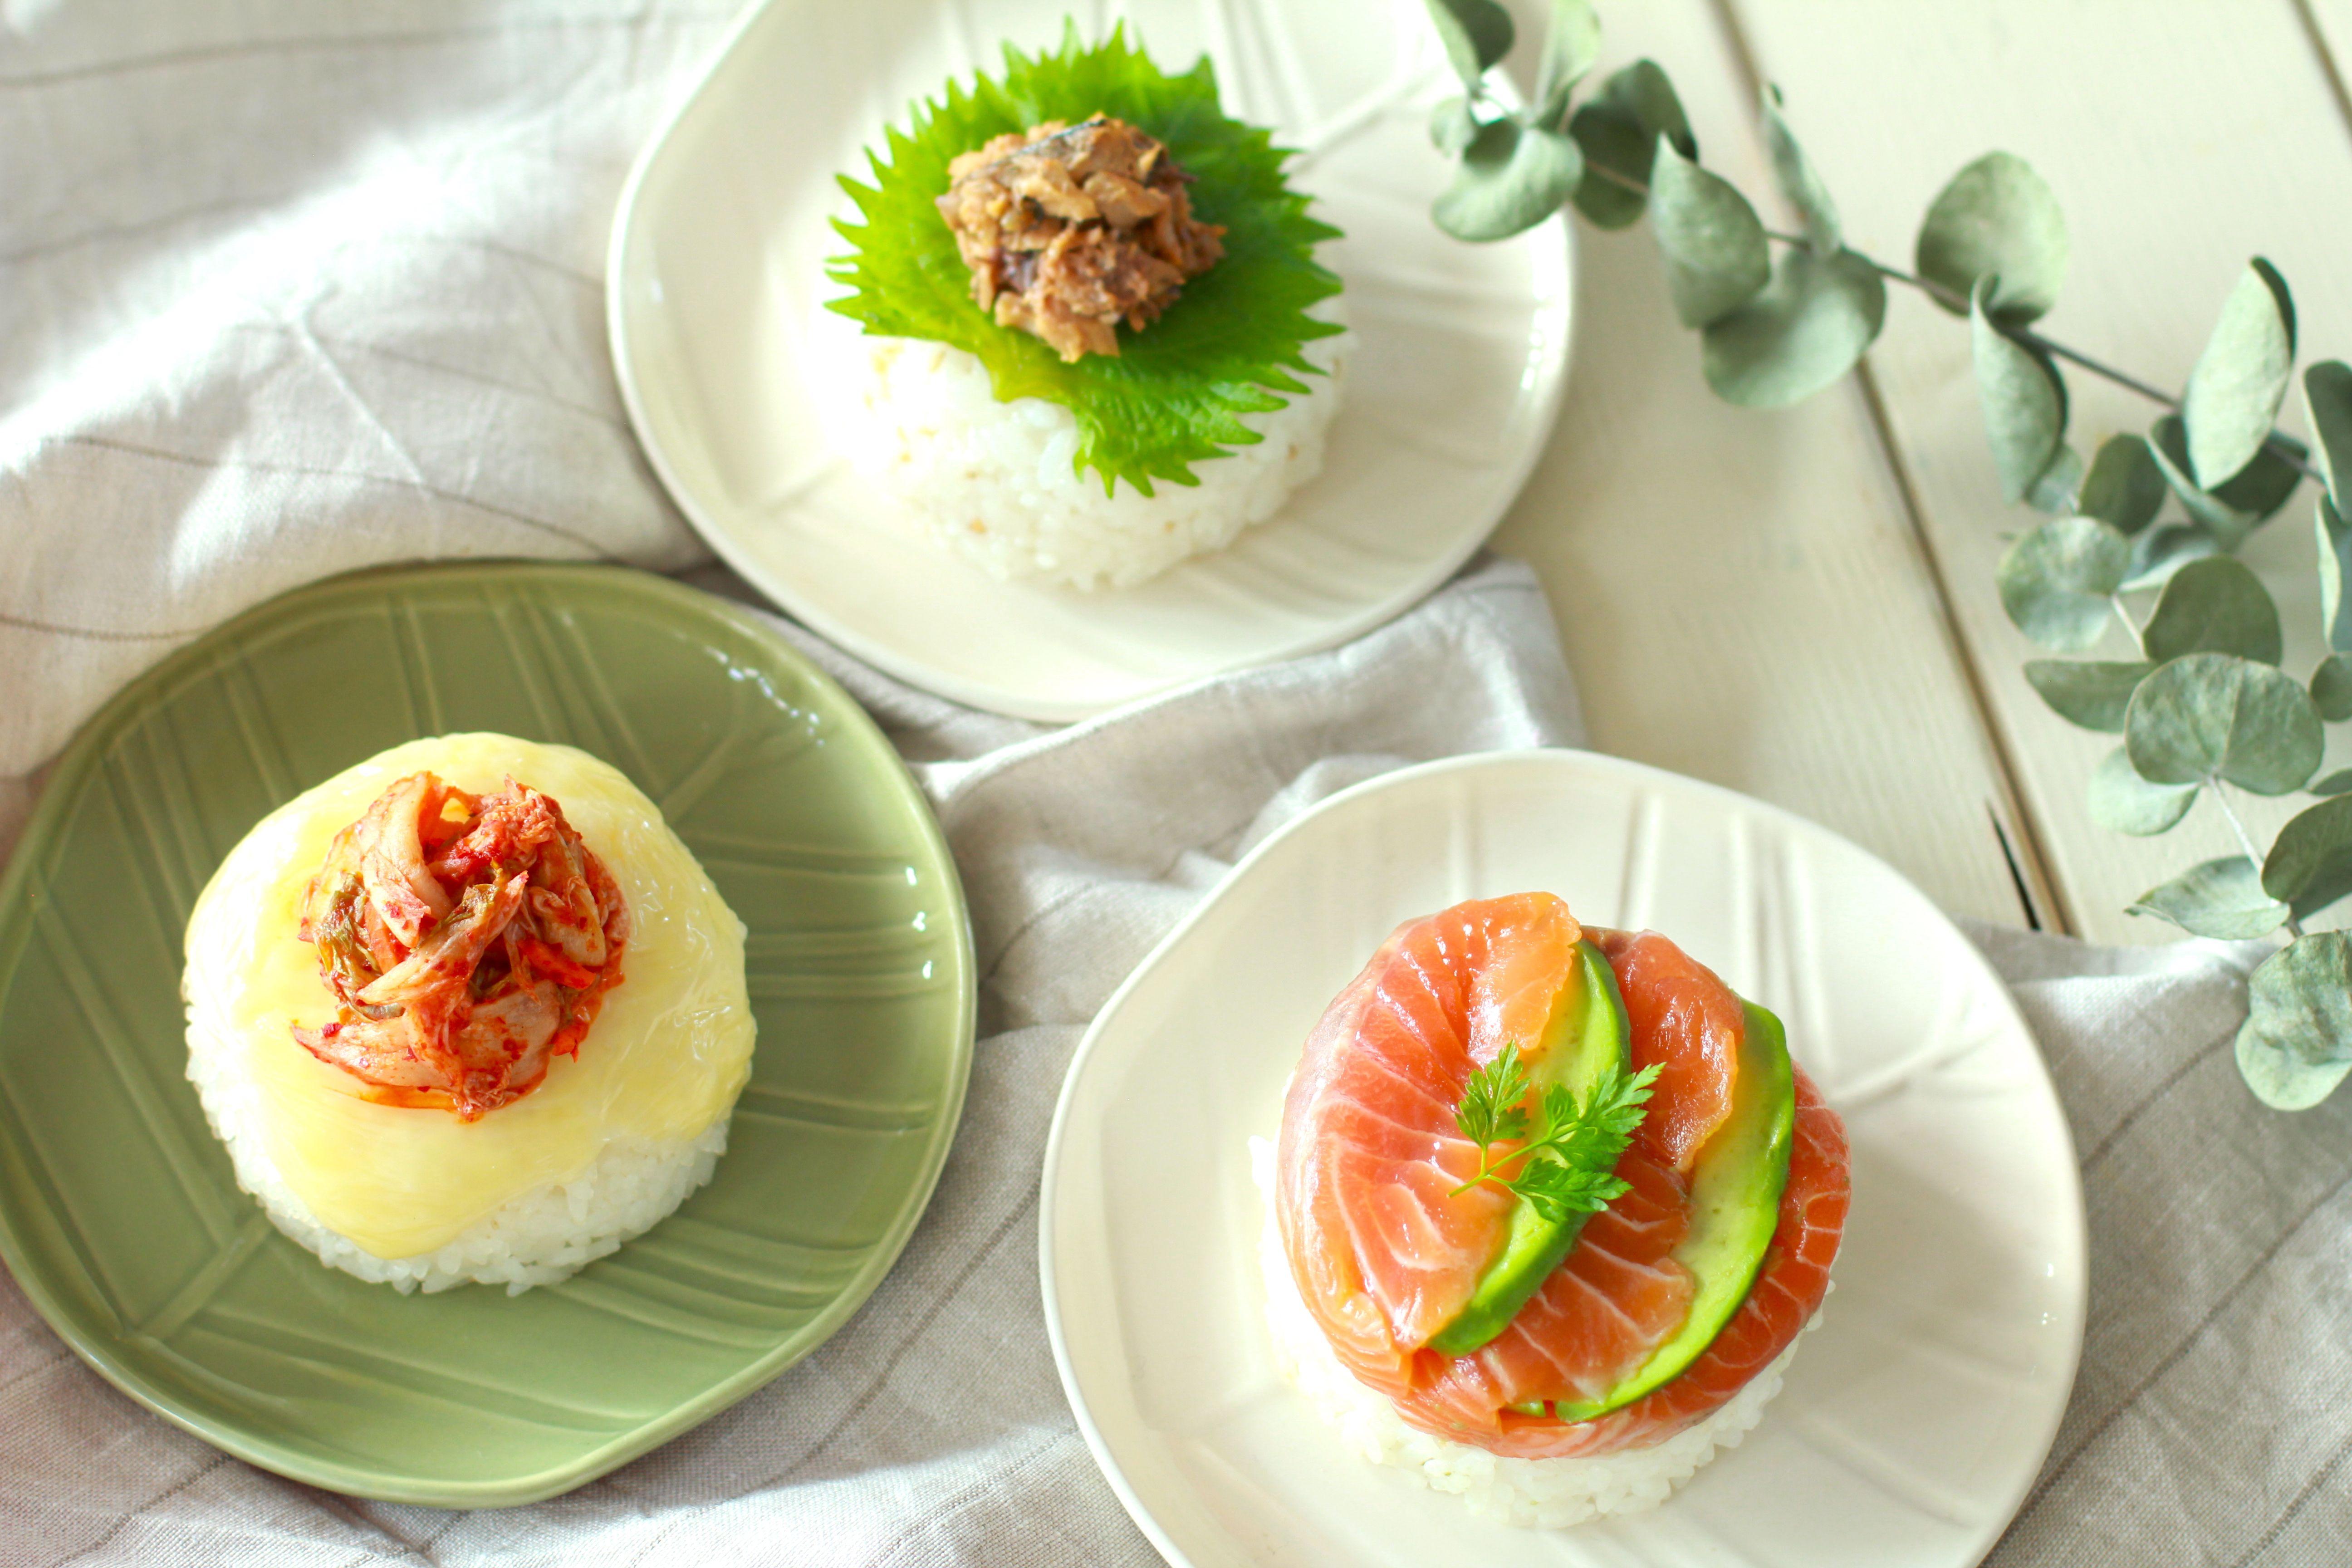 おにぎり太るは間違い食べ方次第でダイエットが叶うおにぎりレシピ3つ